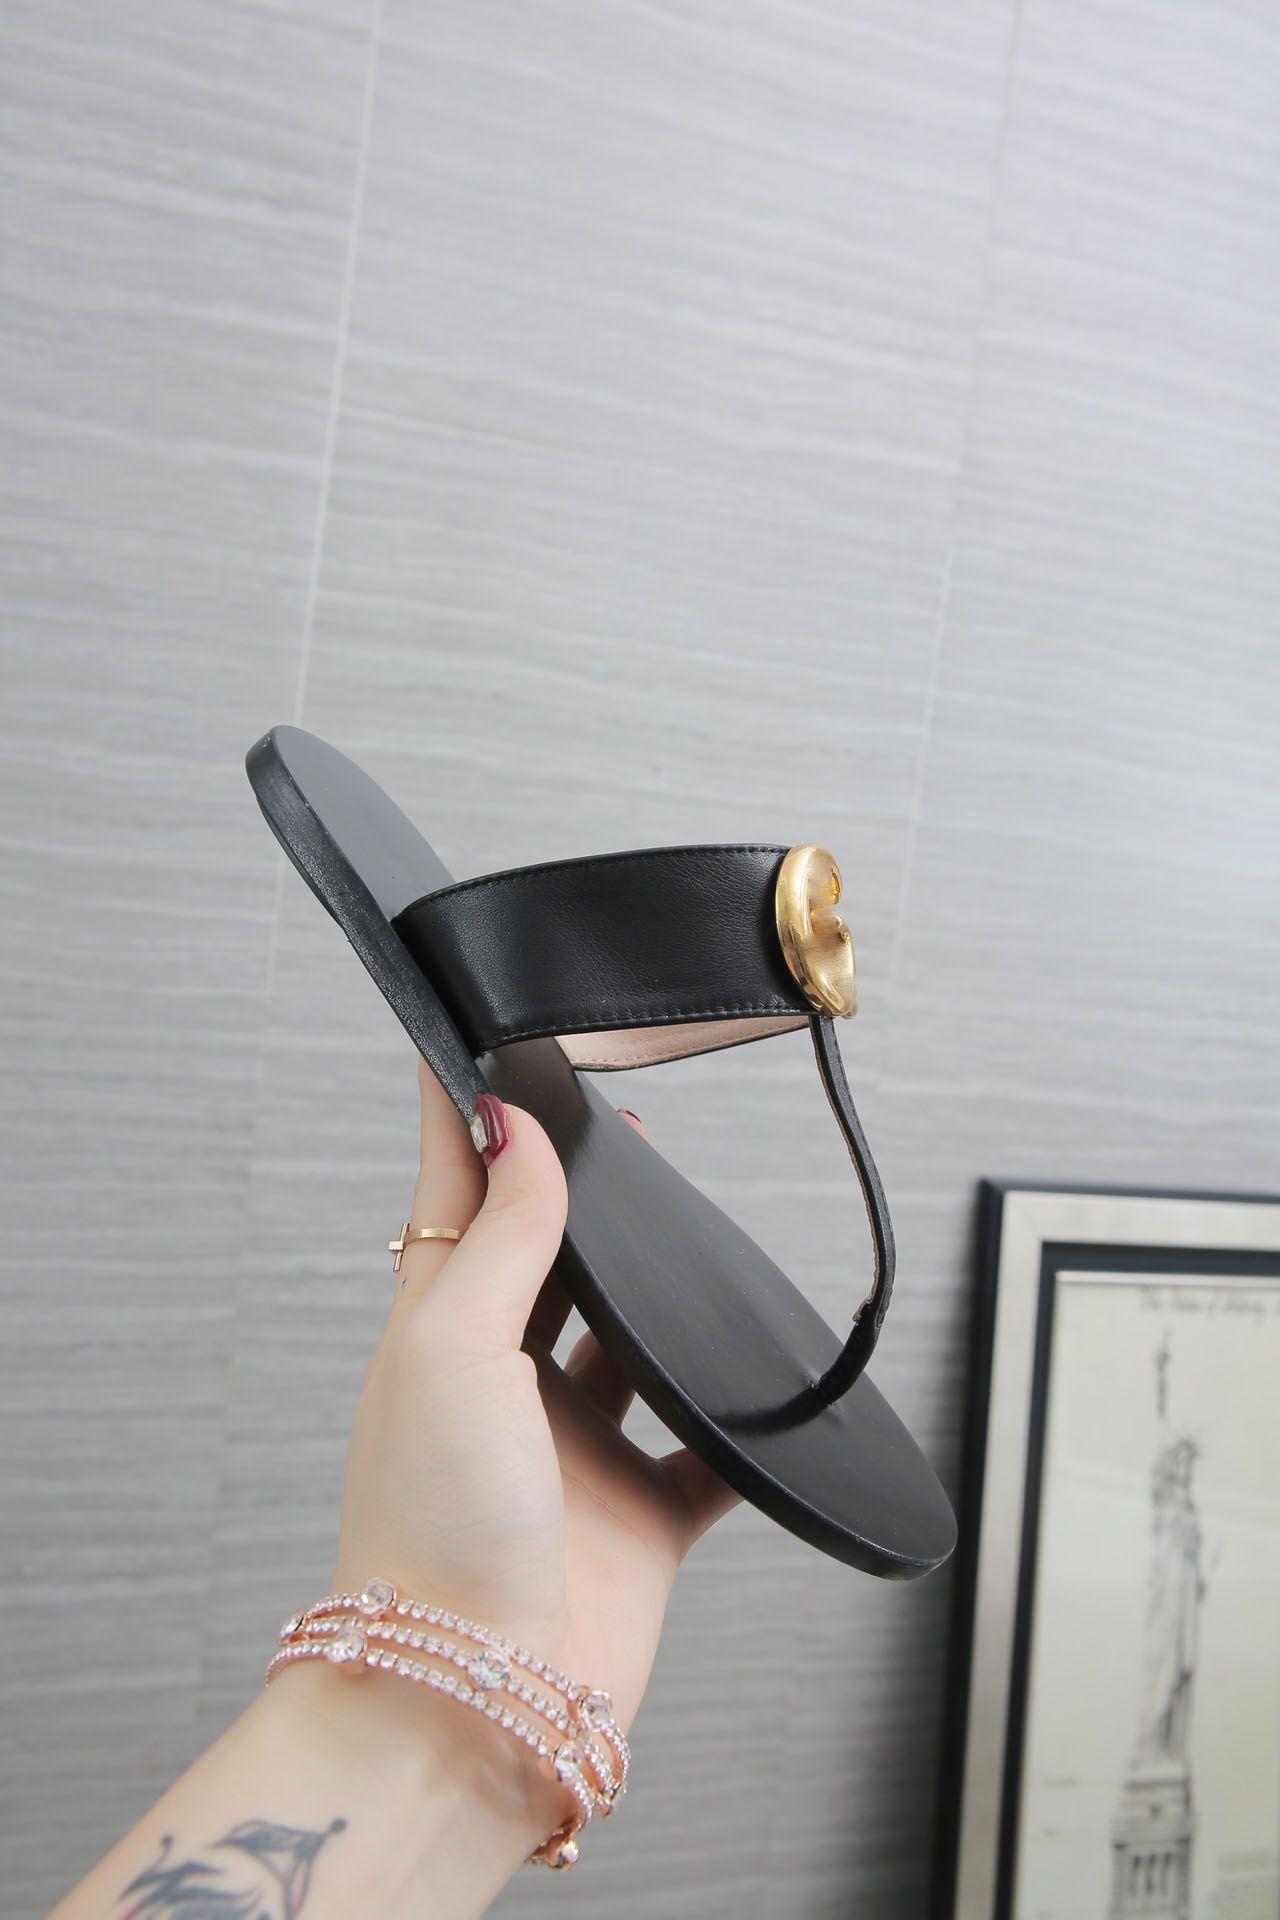 Gucci slippers 2021 zapatillas de mujer zapatos deslizante de moda de verano ancho plano resbaladizo con sandalias gruesas zapatillas flip flop